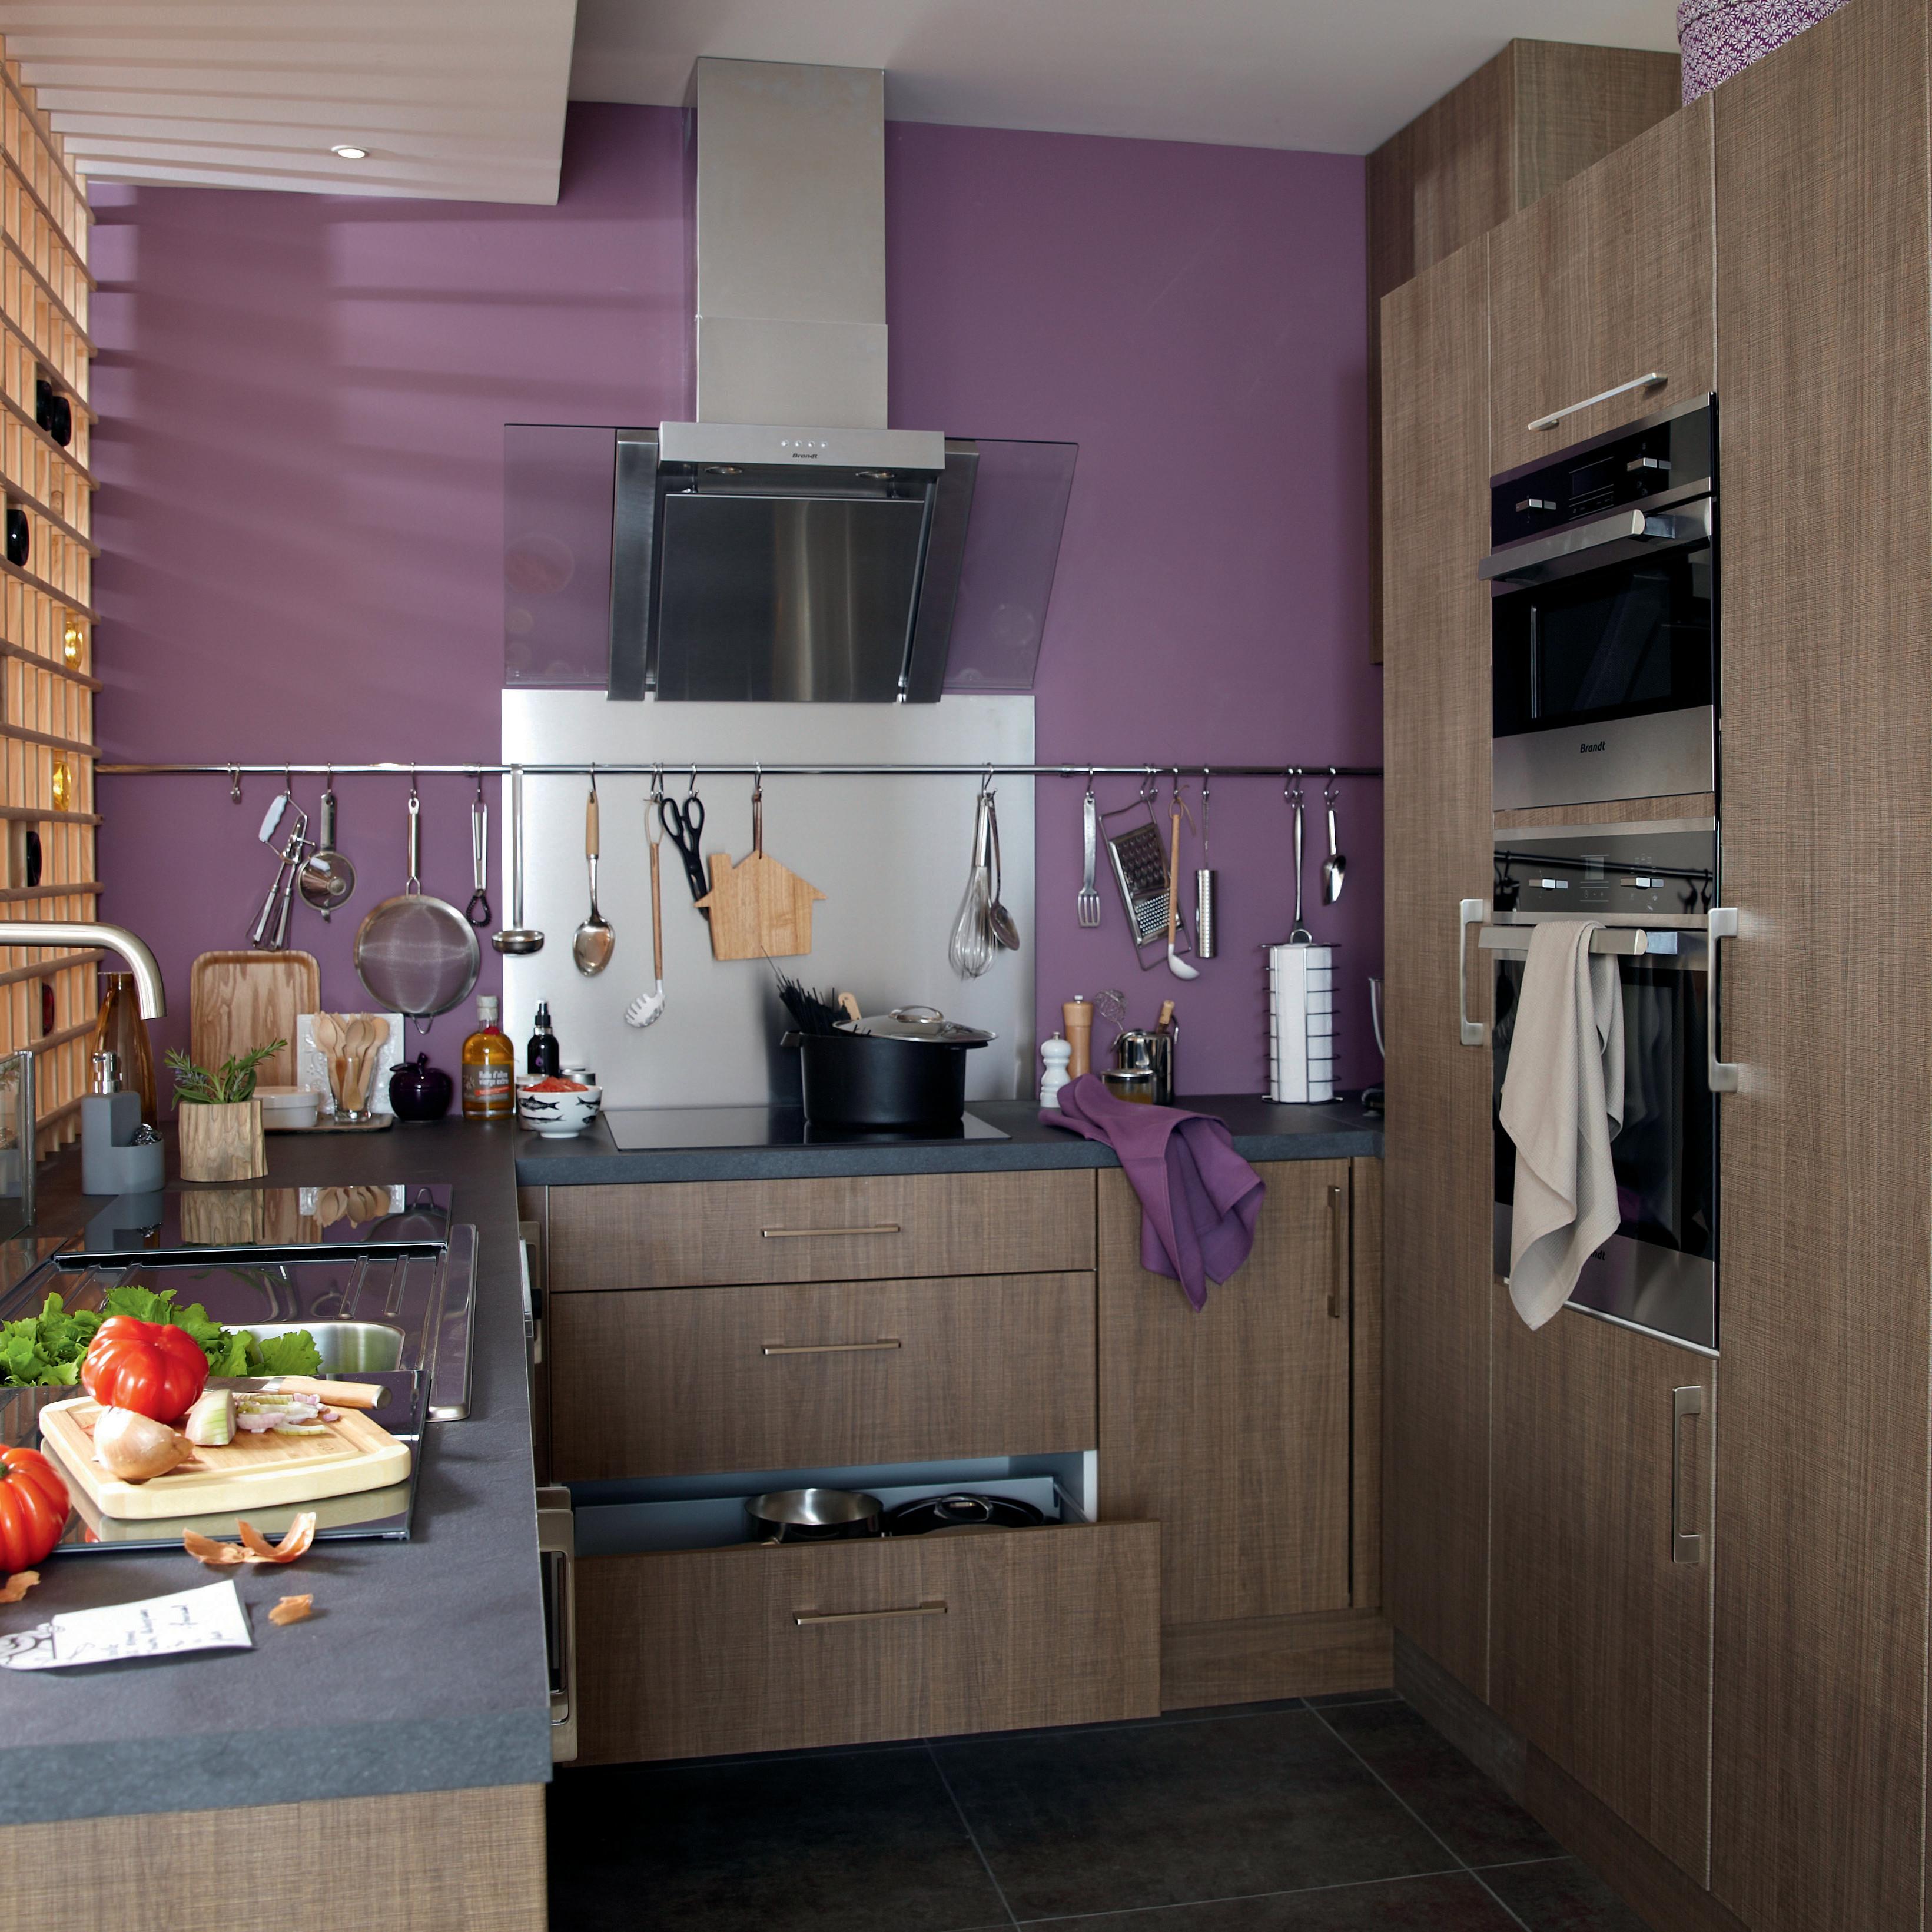 Piccole Cucine In Muratura. Latest Immagini Idea Di Cucine Ad Angolo ...